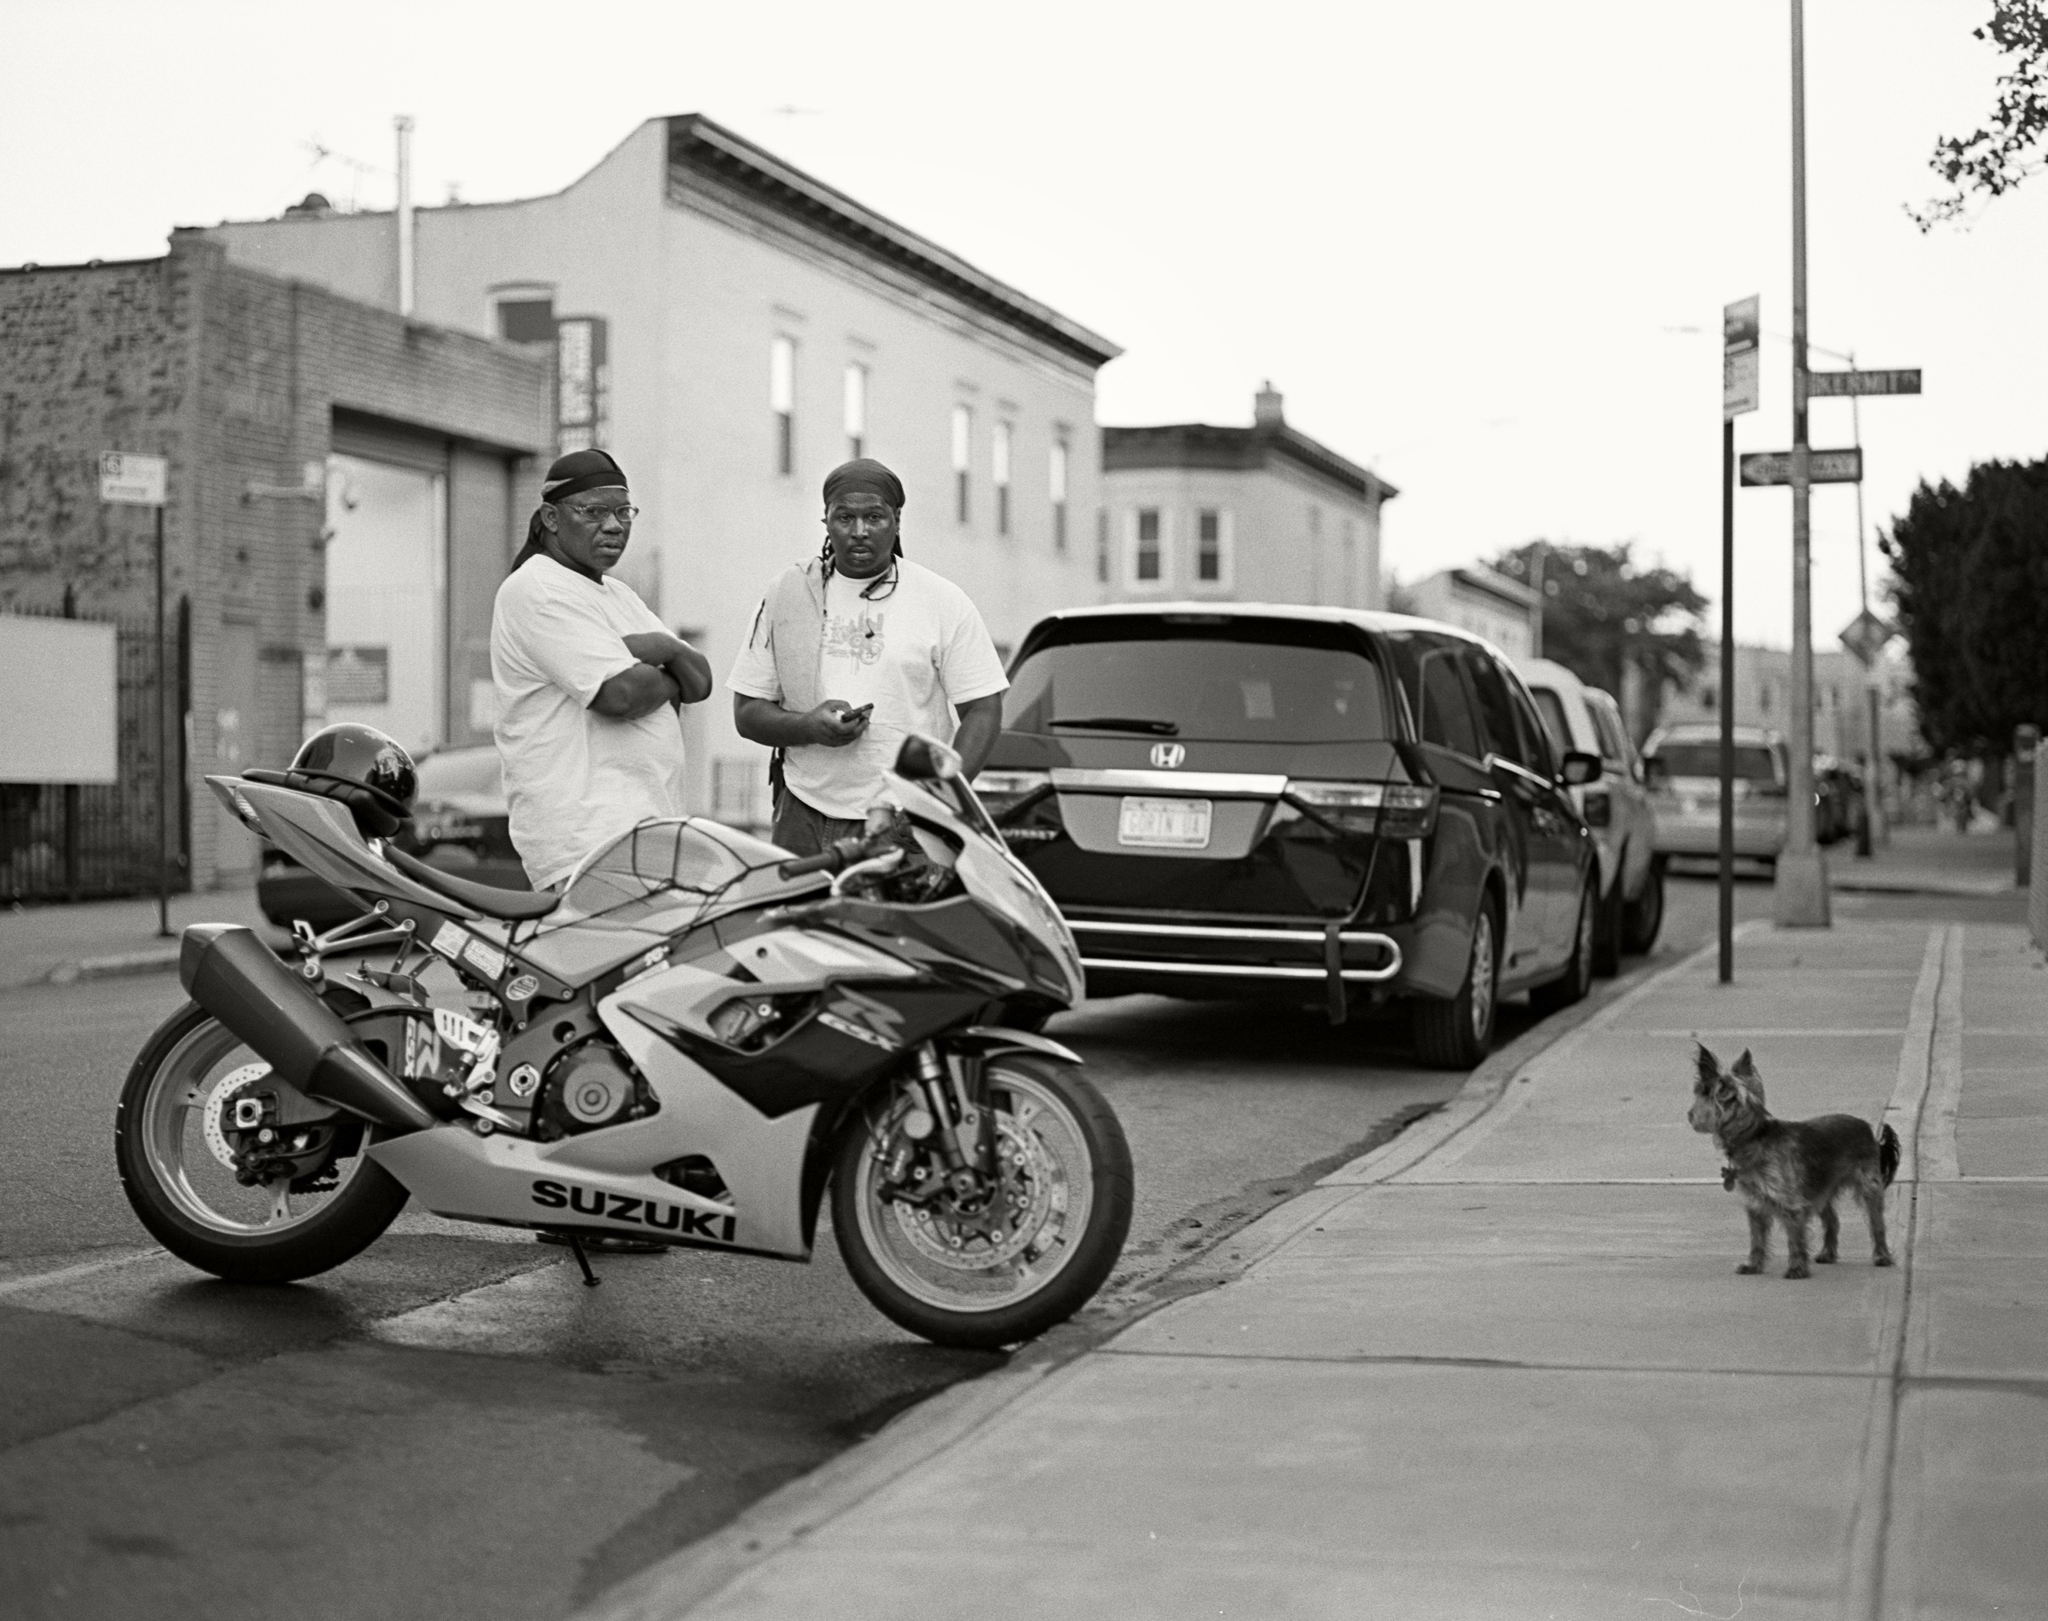 motorcycle003.jpg